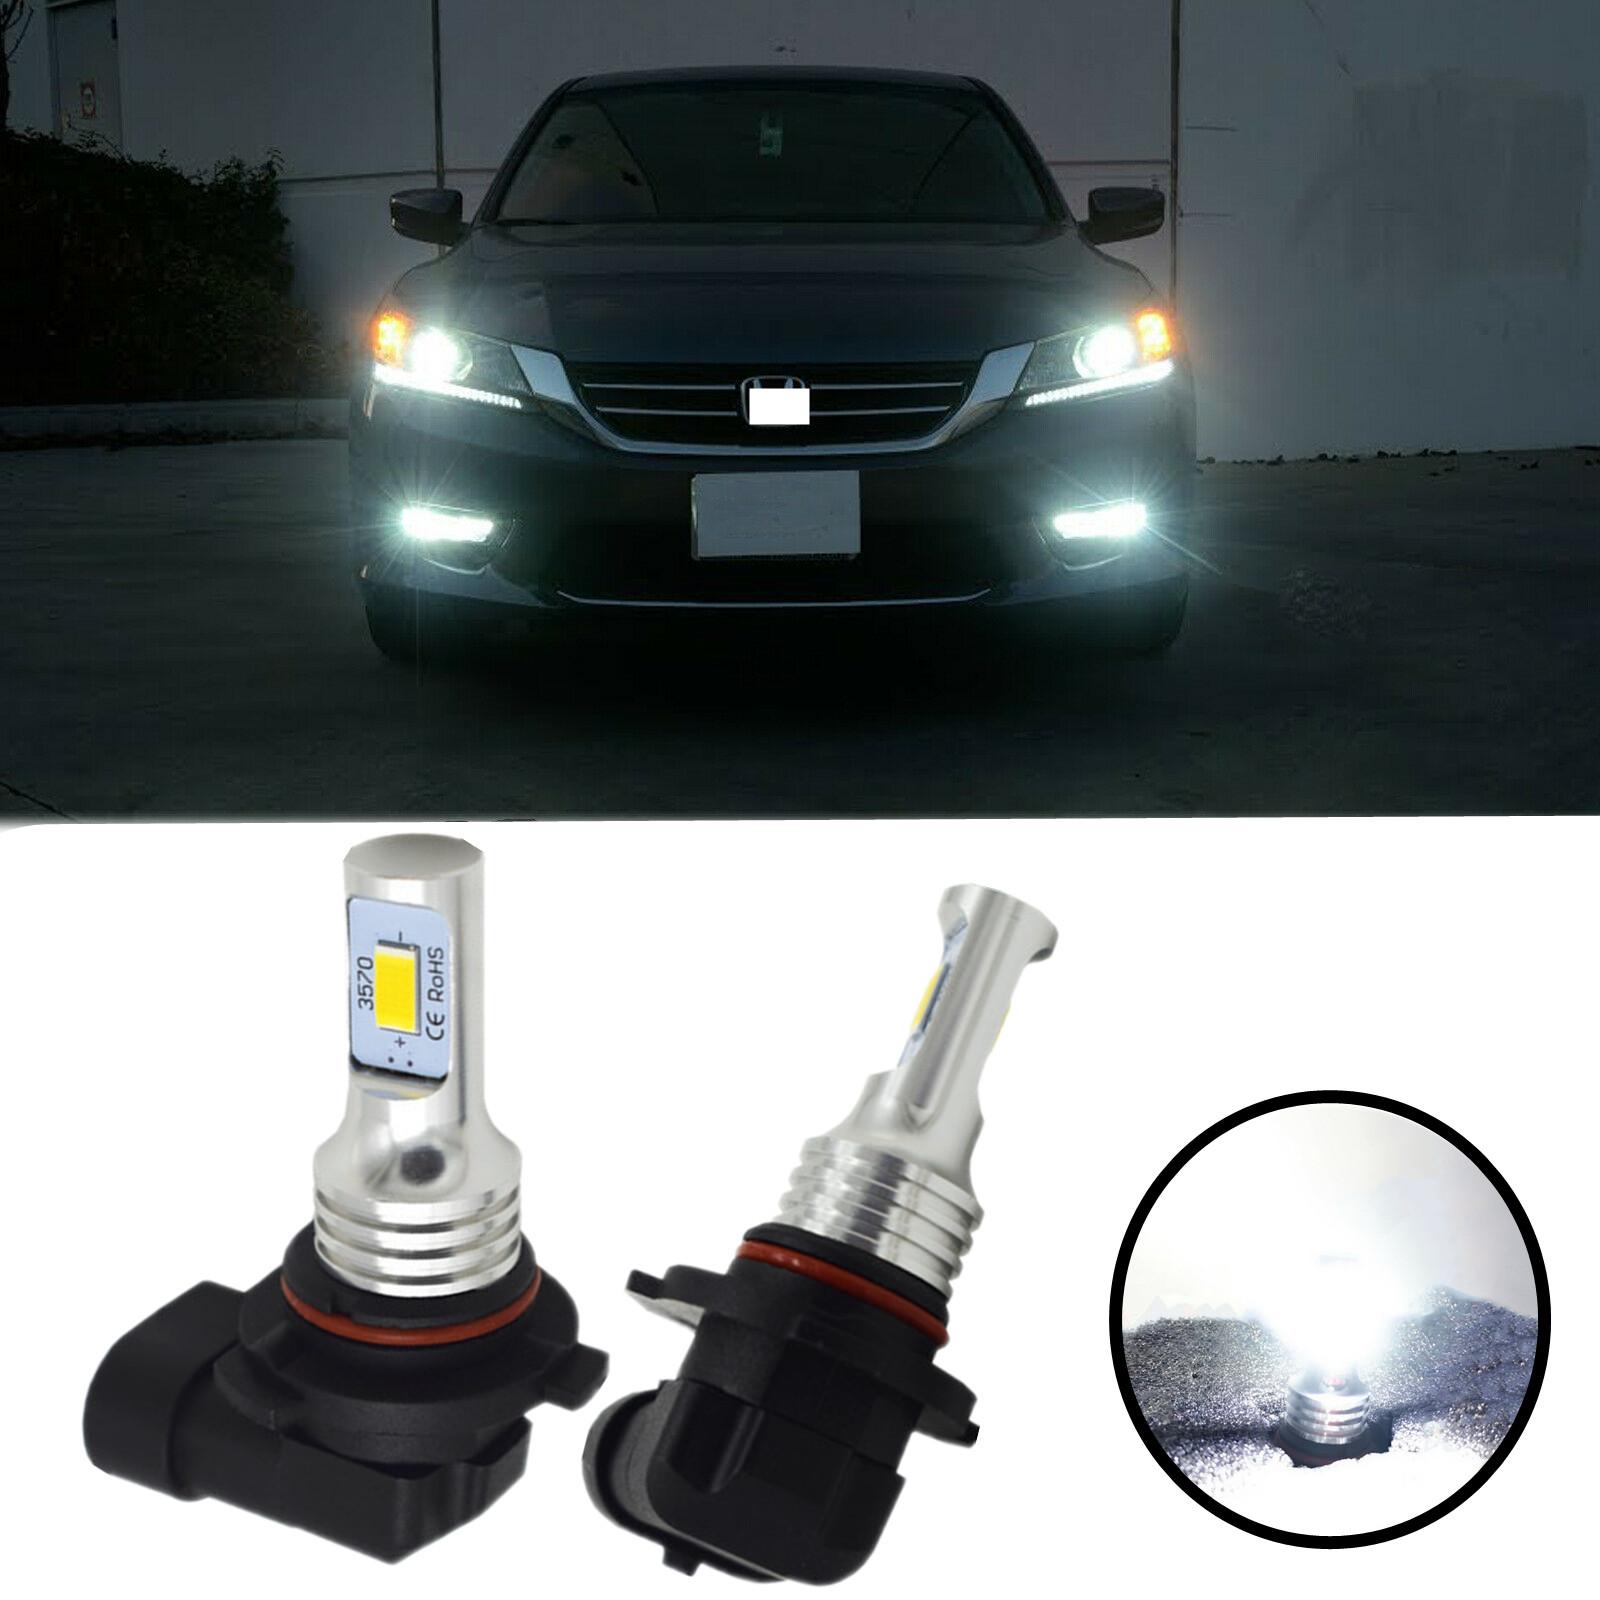 9005 Led Drl Daytime Running Light Bulb White For Honda Civic Acura Mdx Rdx Tl F Ebay